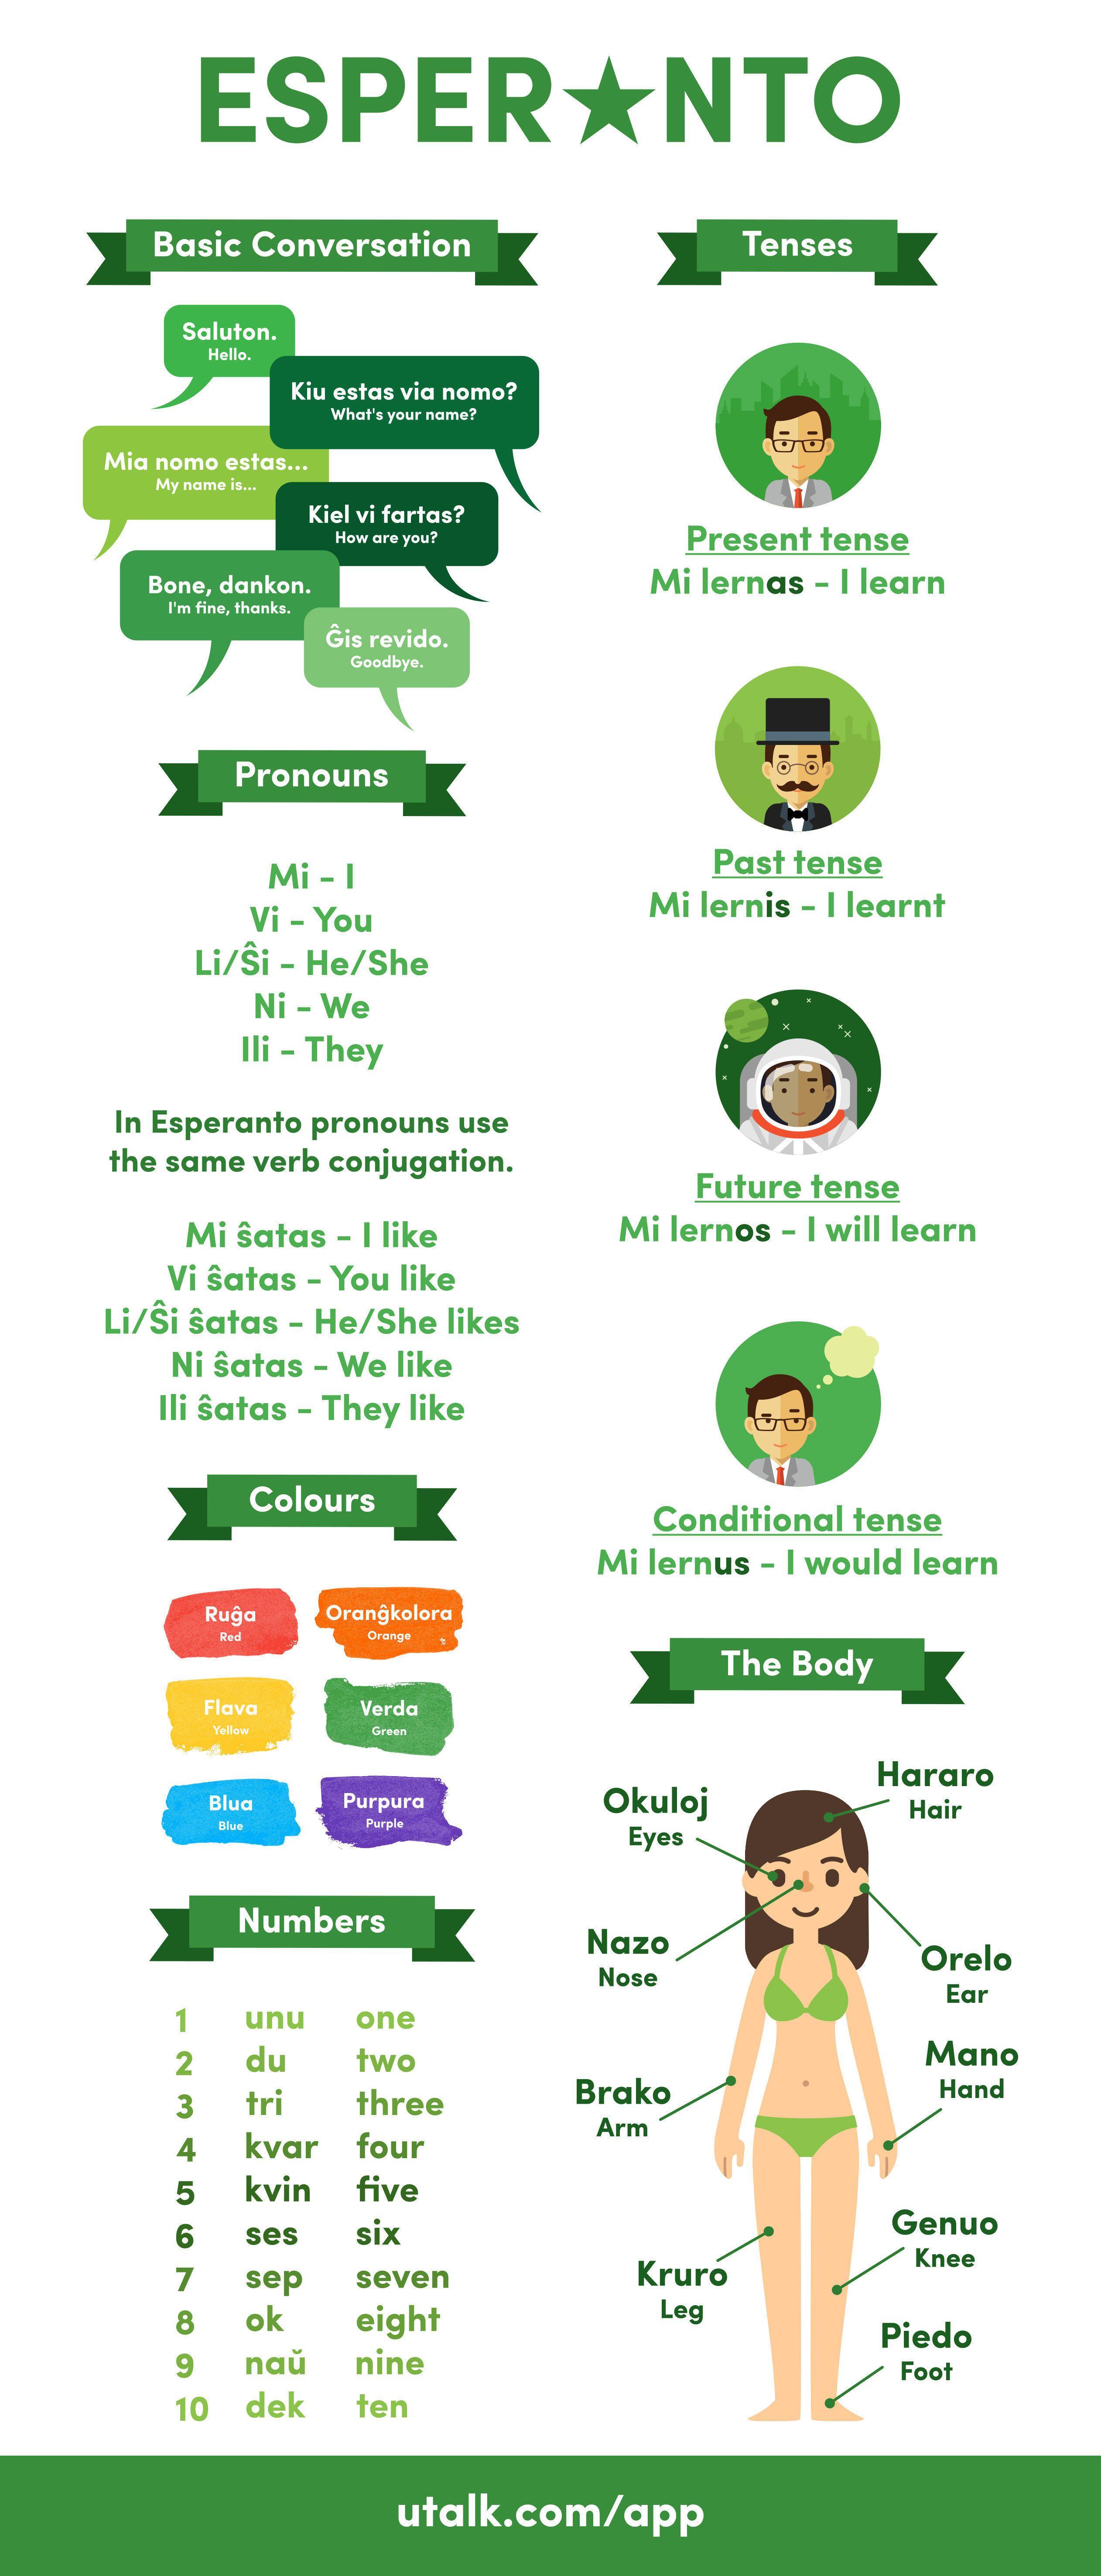 A beginner's guide to Esperanto